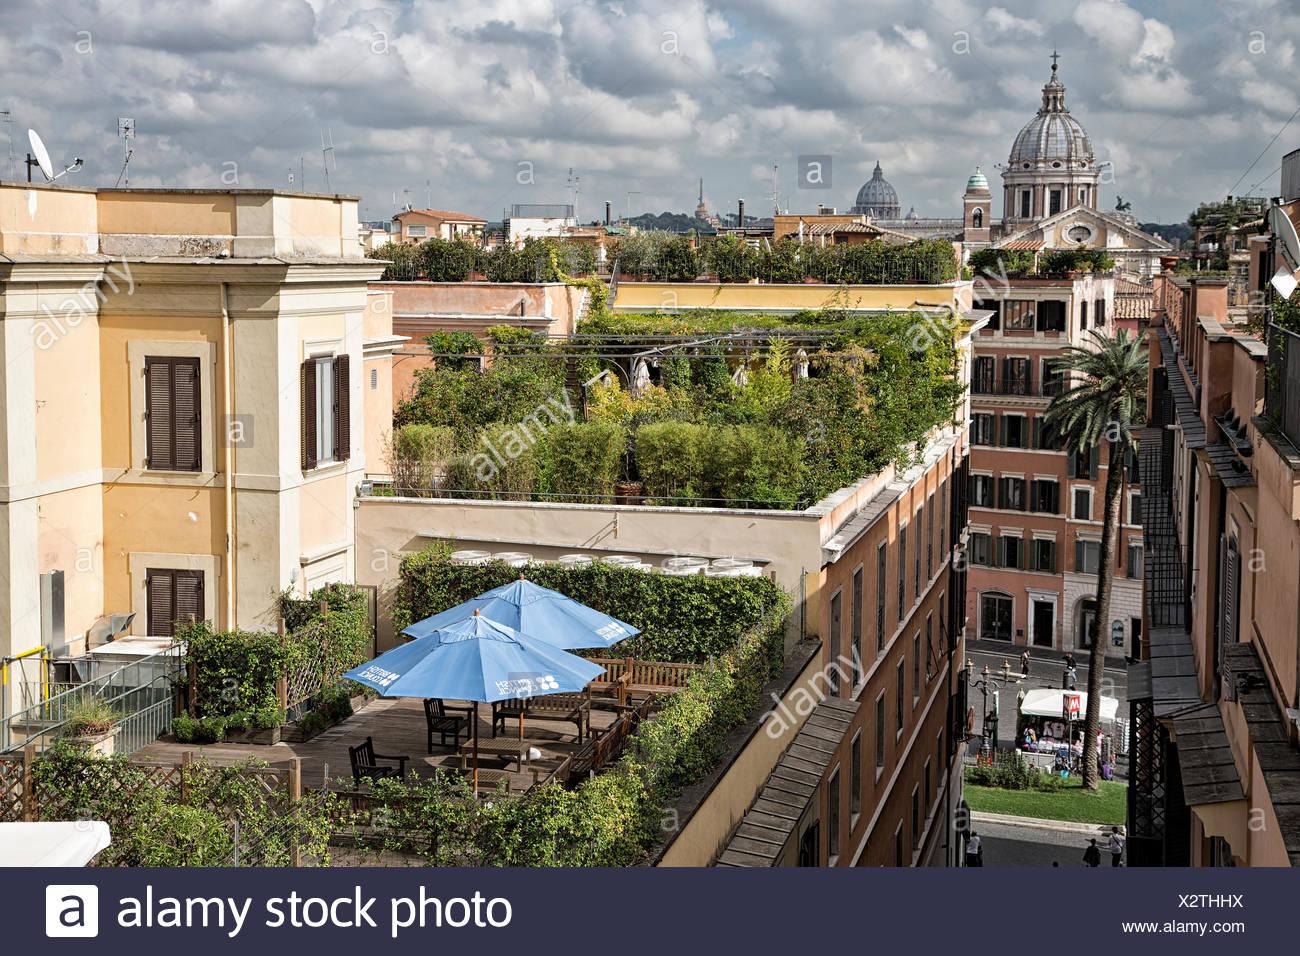 Accademia, academy, roof, Francia, France, garden, green, capital, Italy, Europe, Rome, terrace, villa Borghese, villa Medici - Stock Image